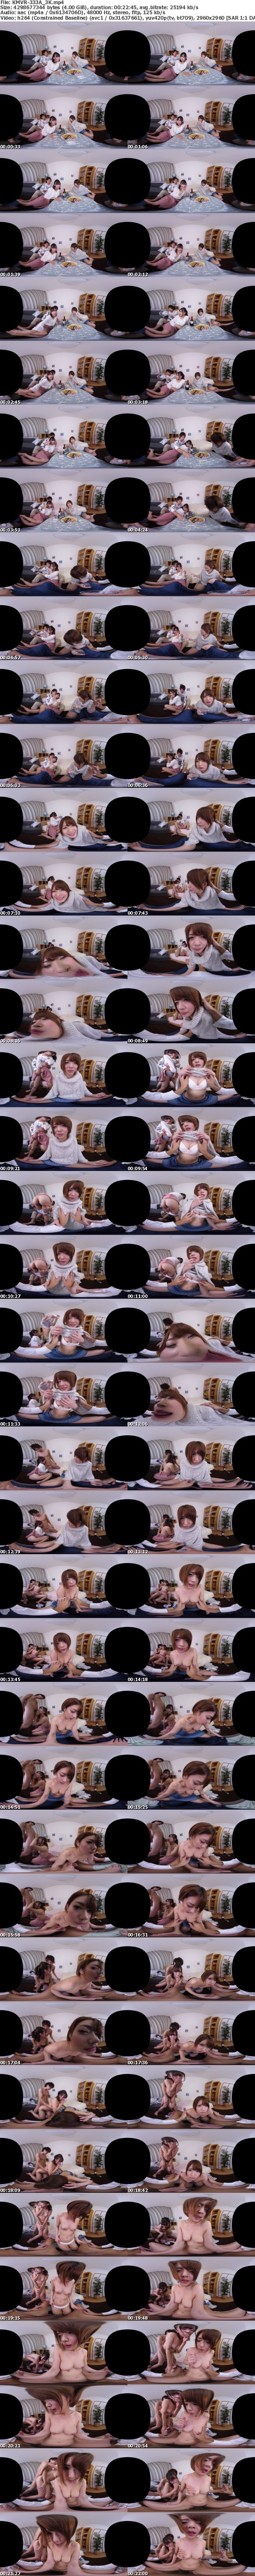 VR/3D KMVR-333 【VR】ドキドキ初めてのスワッピング体験 「大好きな彼氏の隣で他人チ●ポを入れられて恥ずかしすぎるけど、アヘ声が我慢できない」佐々波綾・麻里梨夏【リアル映像】